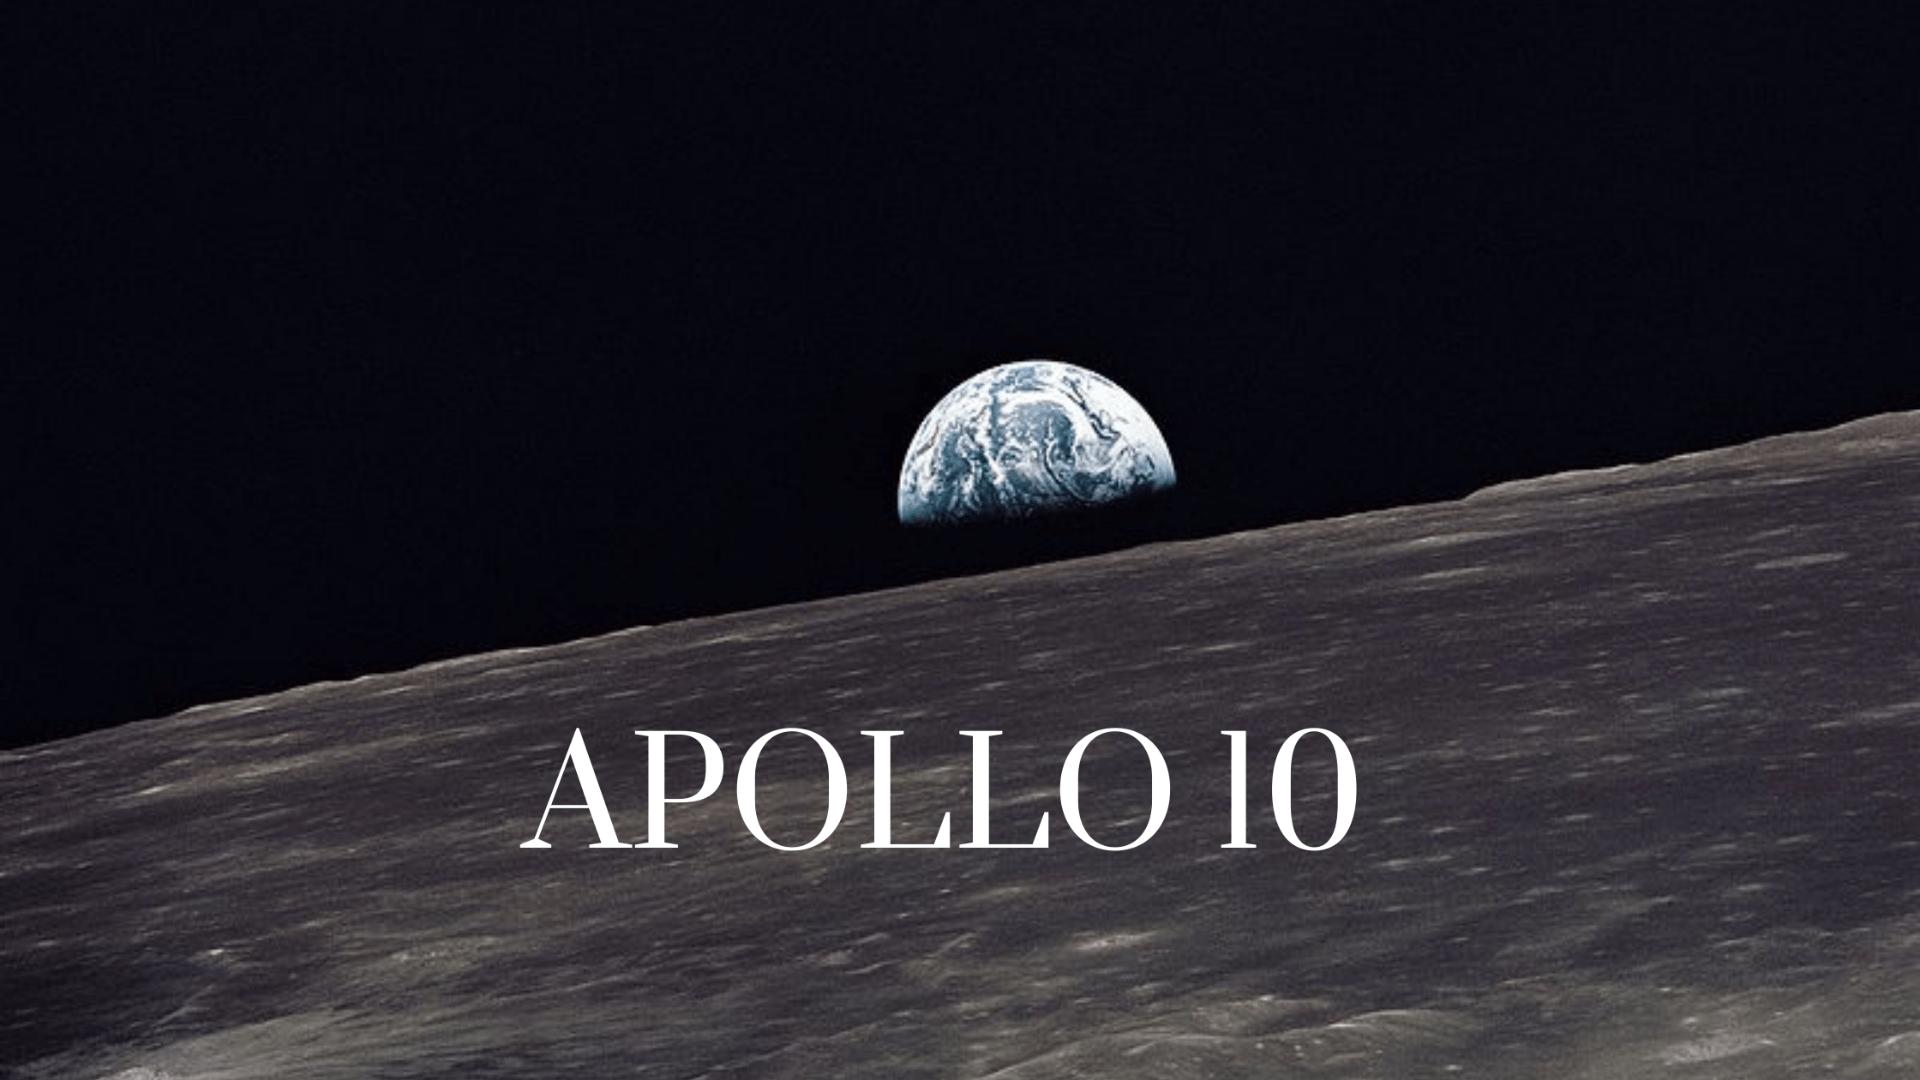 Apollo 10 header